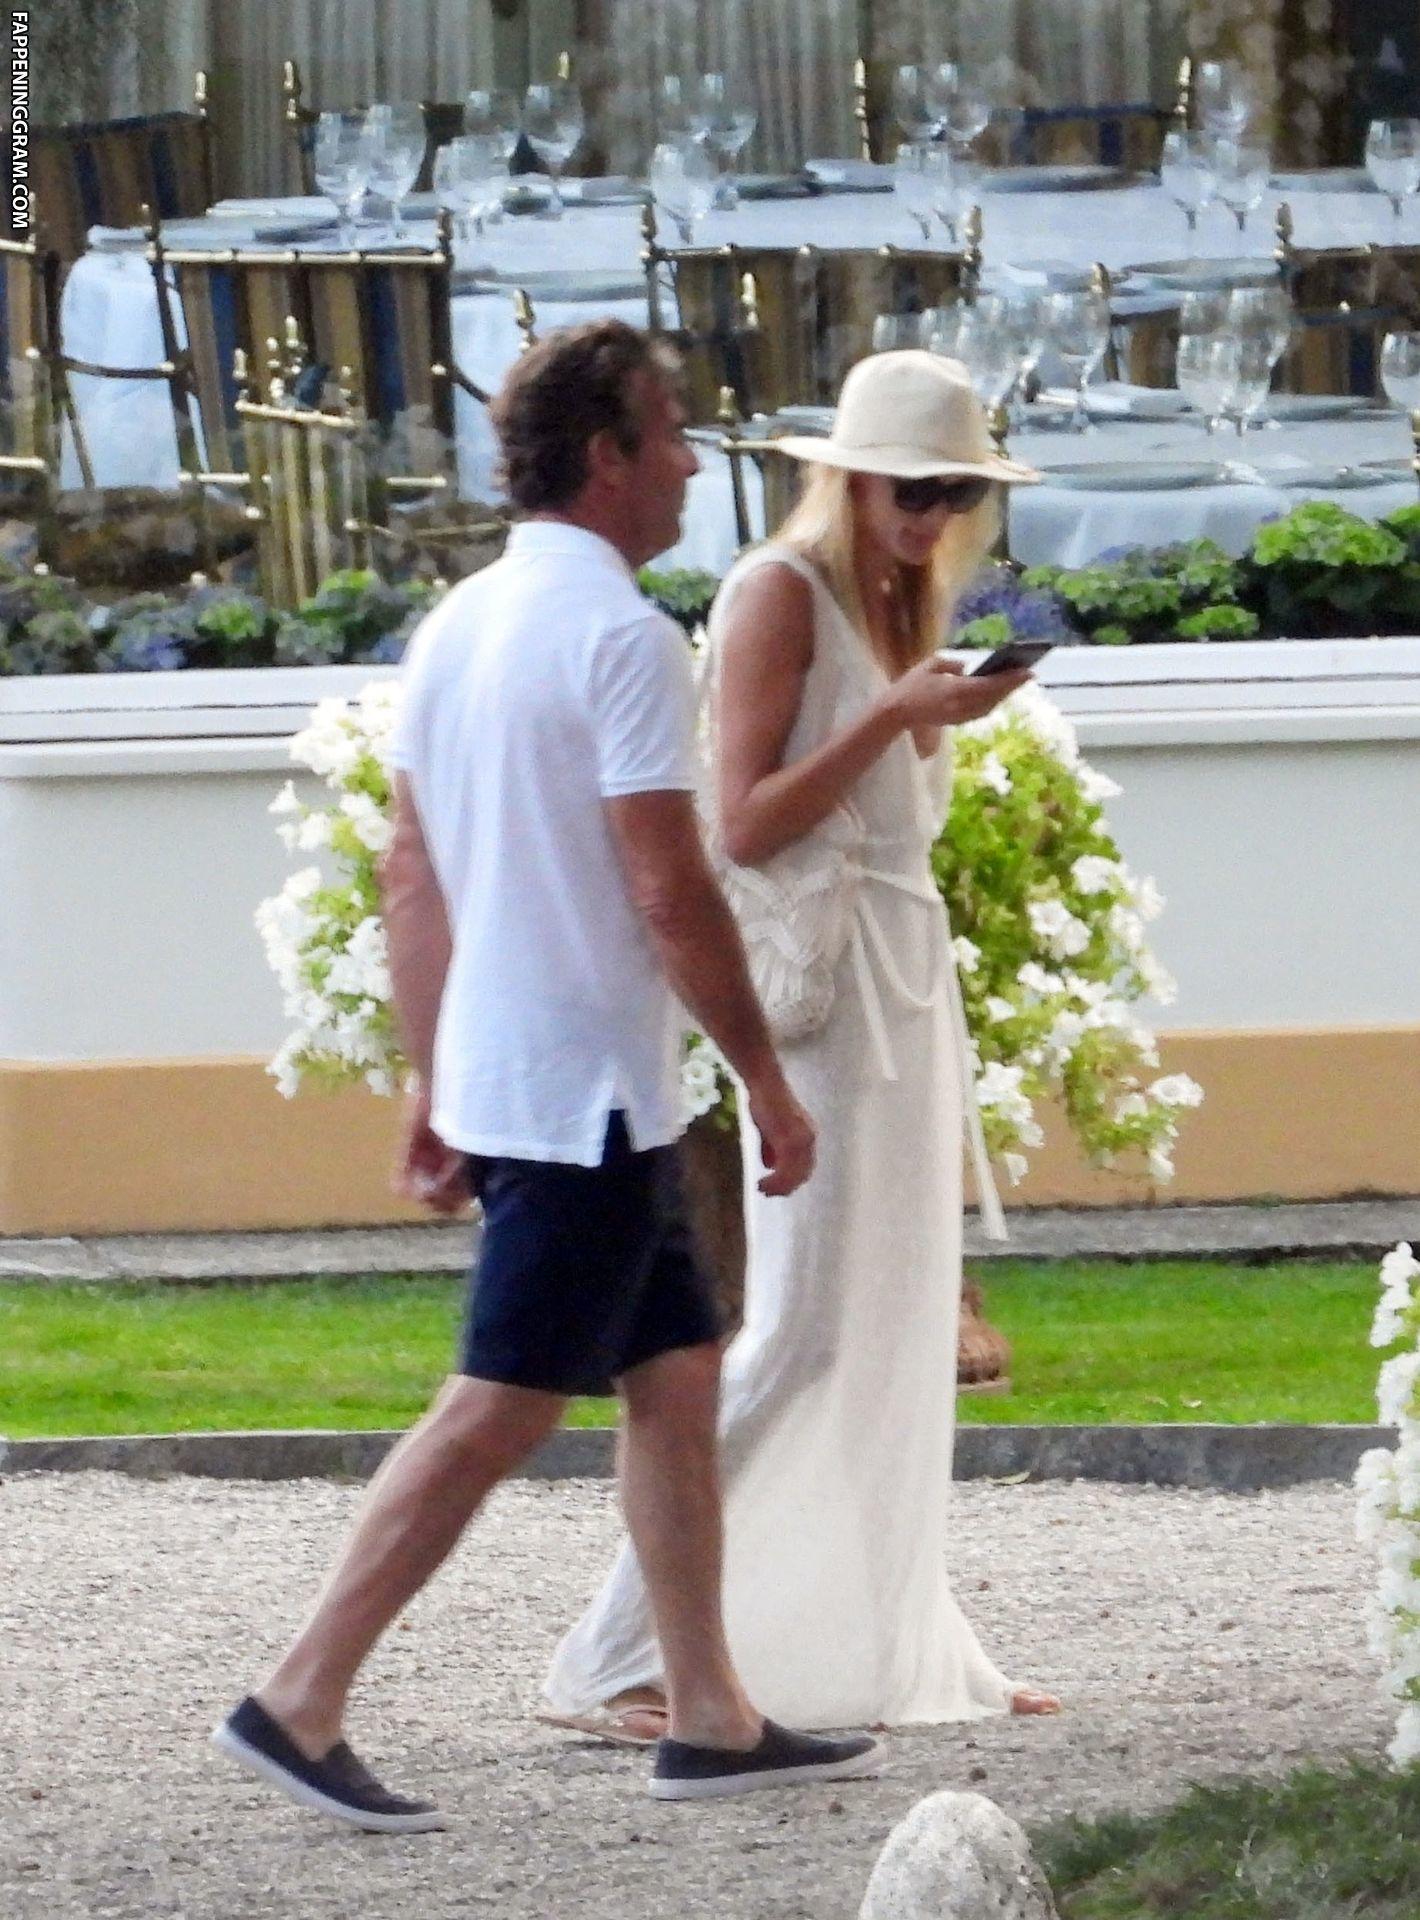 Savoie nackt Laura  Just married!